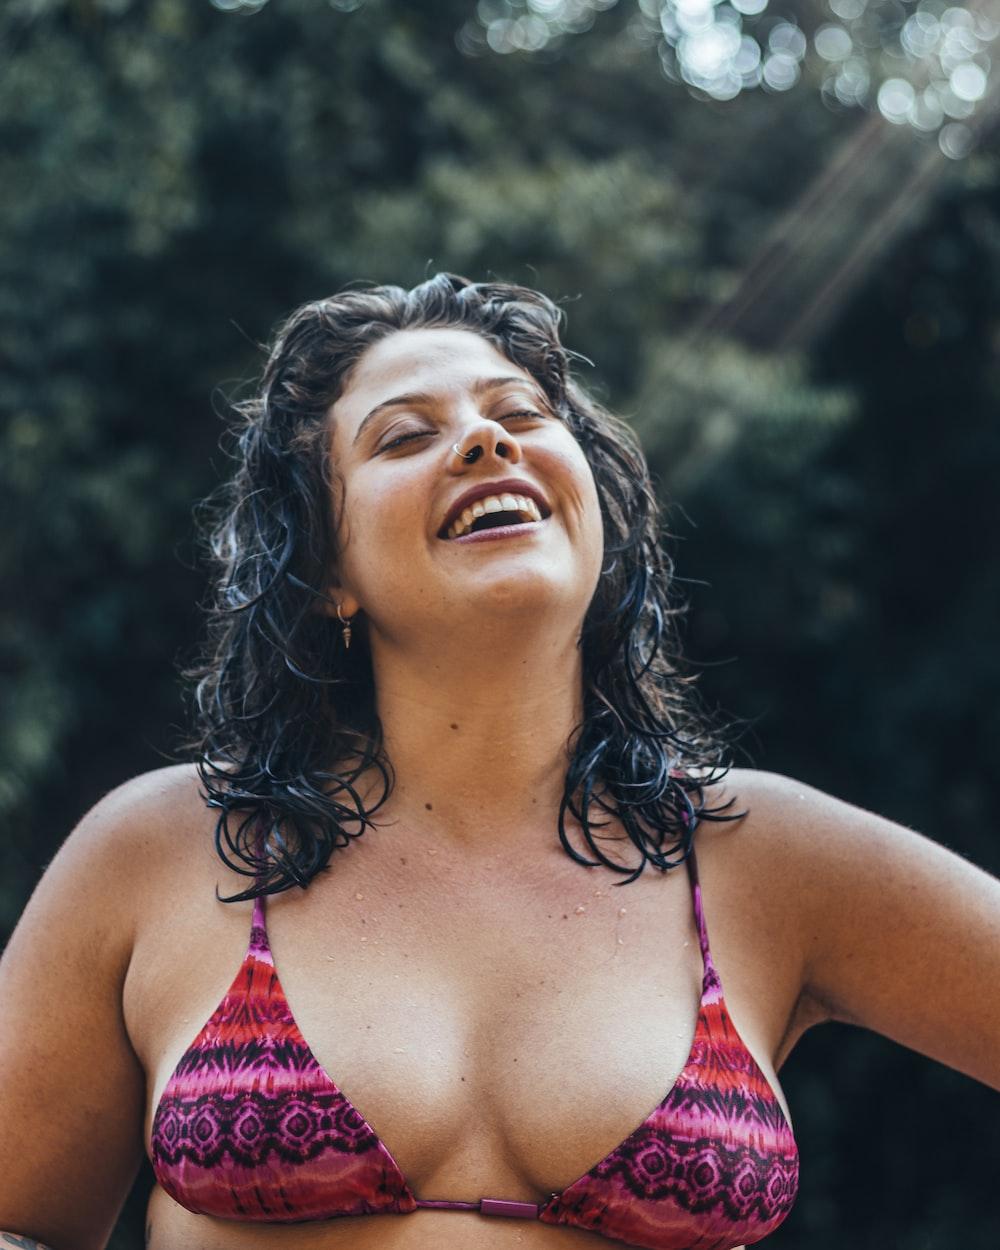 woman in pink and white bikini top